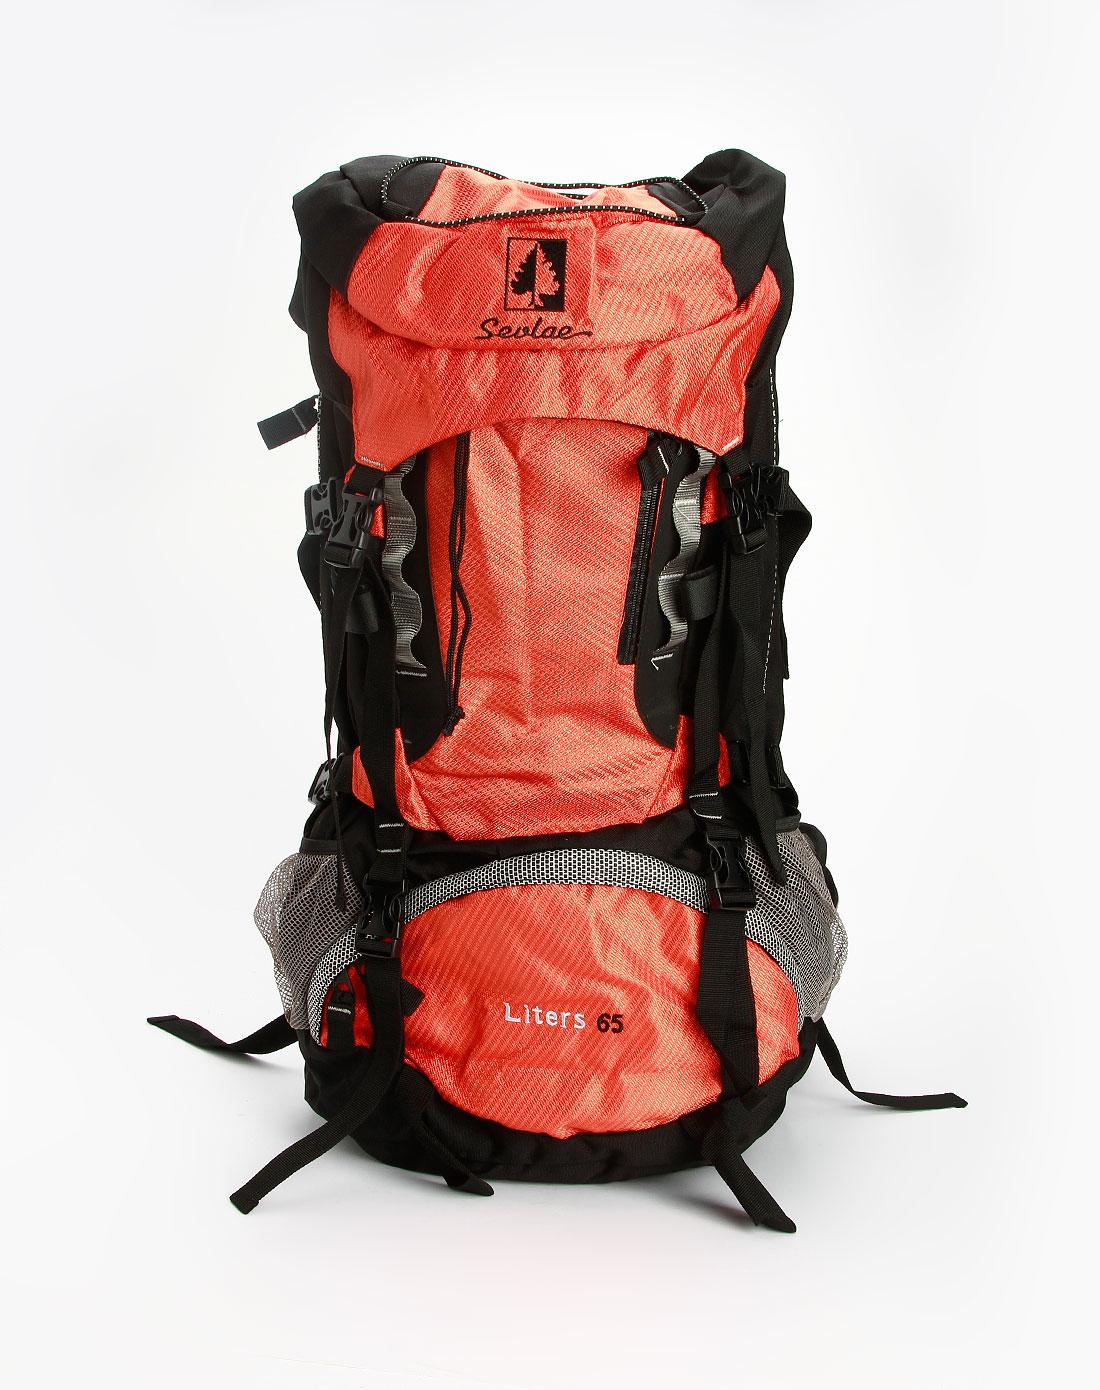 黑/橙色休闲登山包